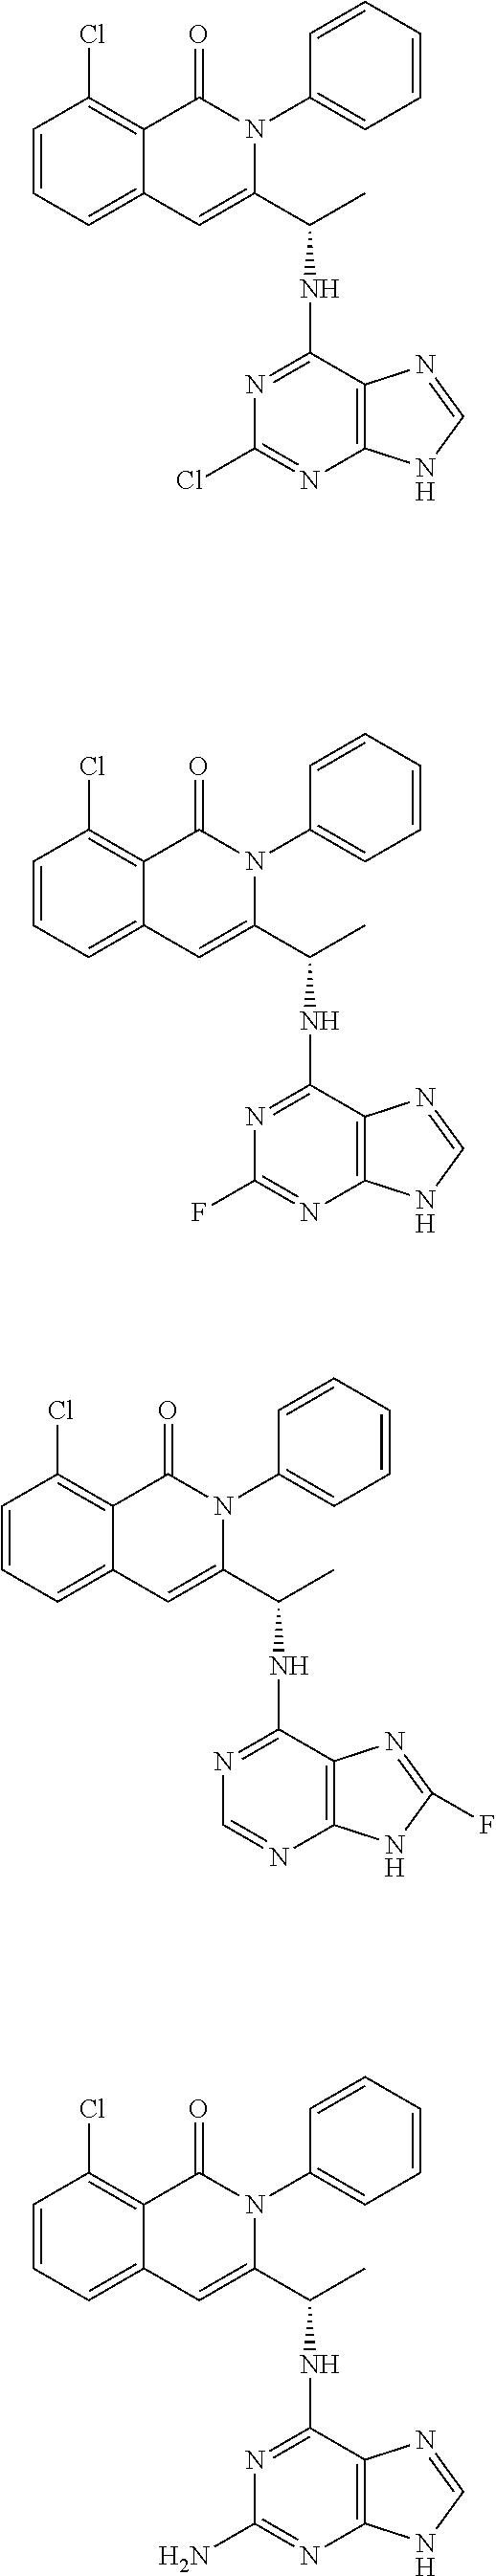 Figure US09216982-20151222-C00286